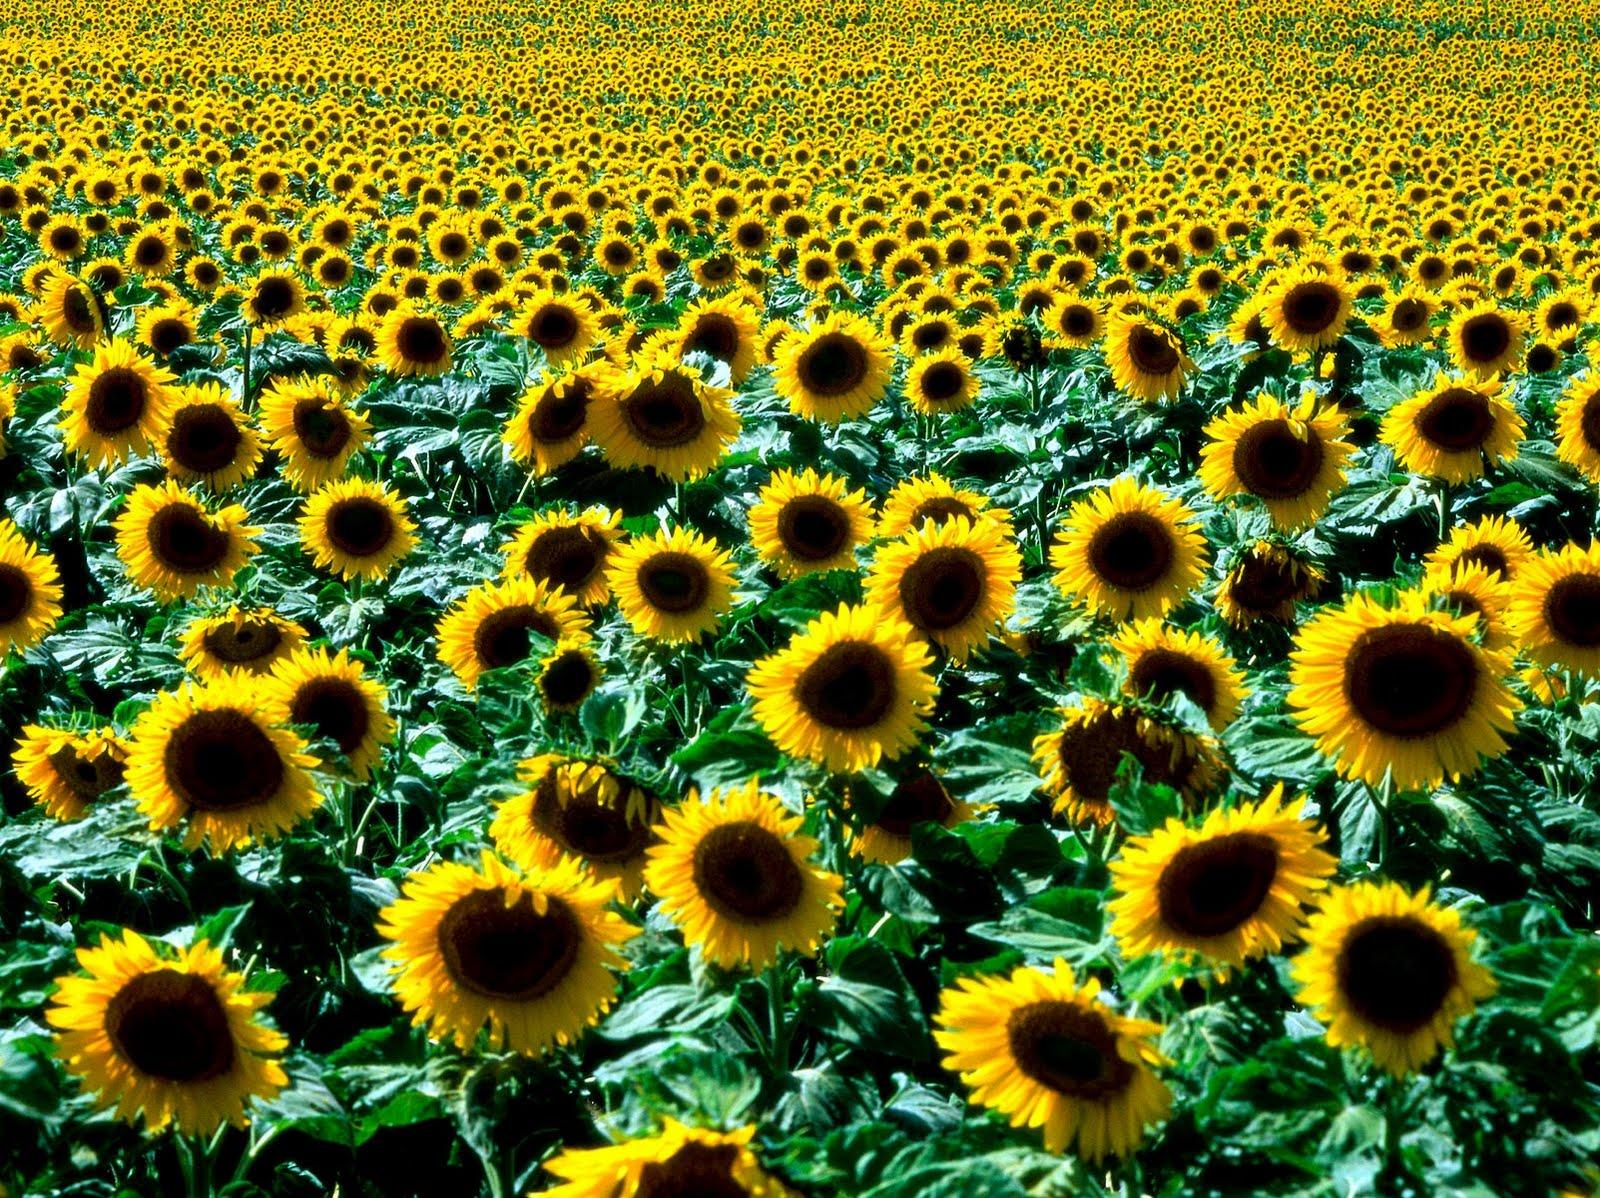 banco de imagenes gratuitas  fotograf u00edas de flores para el